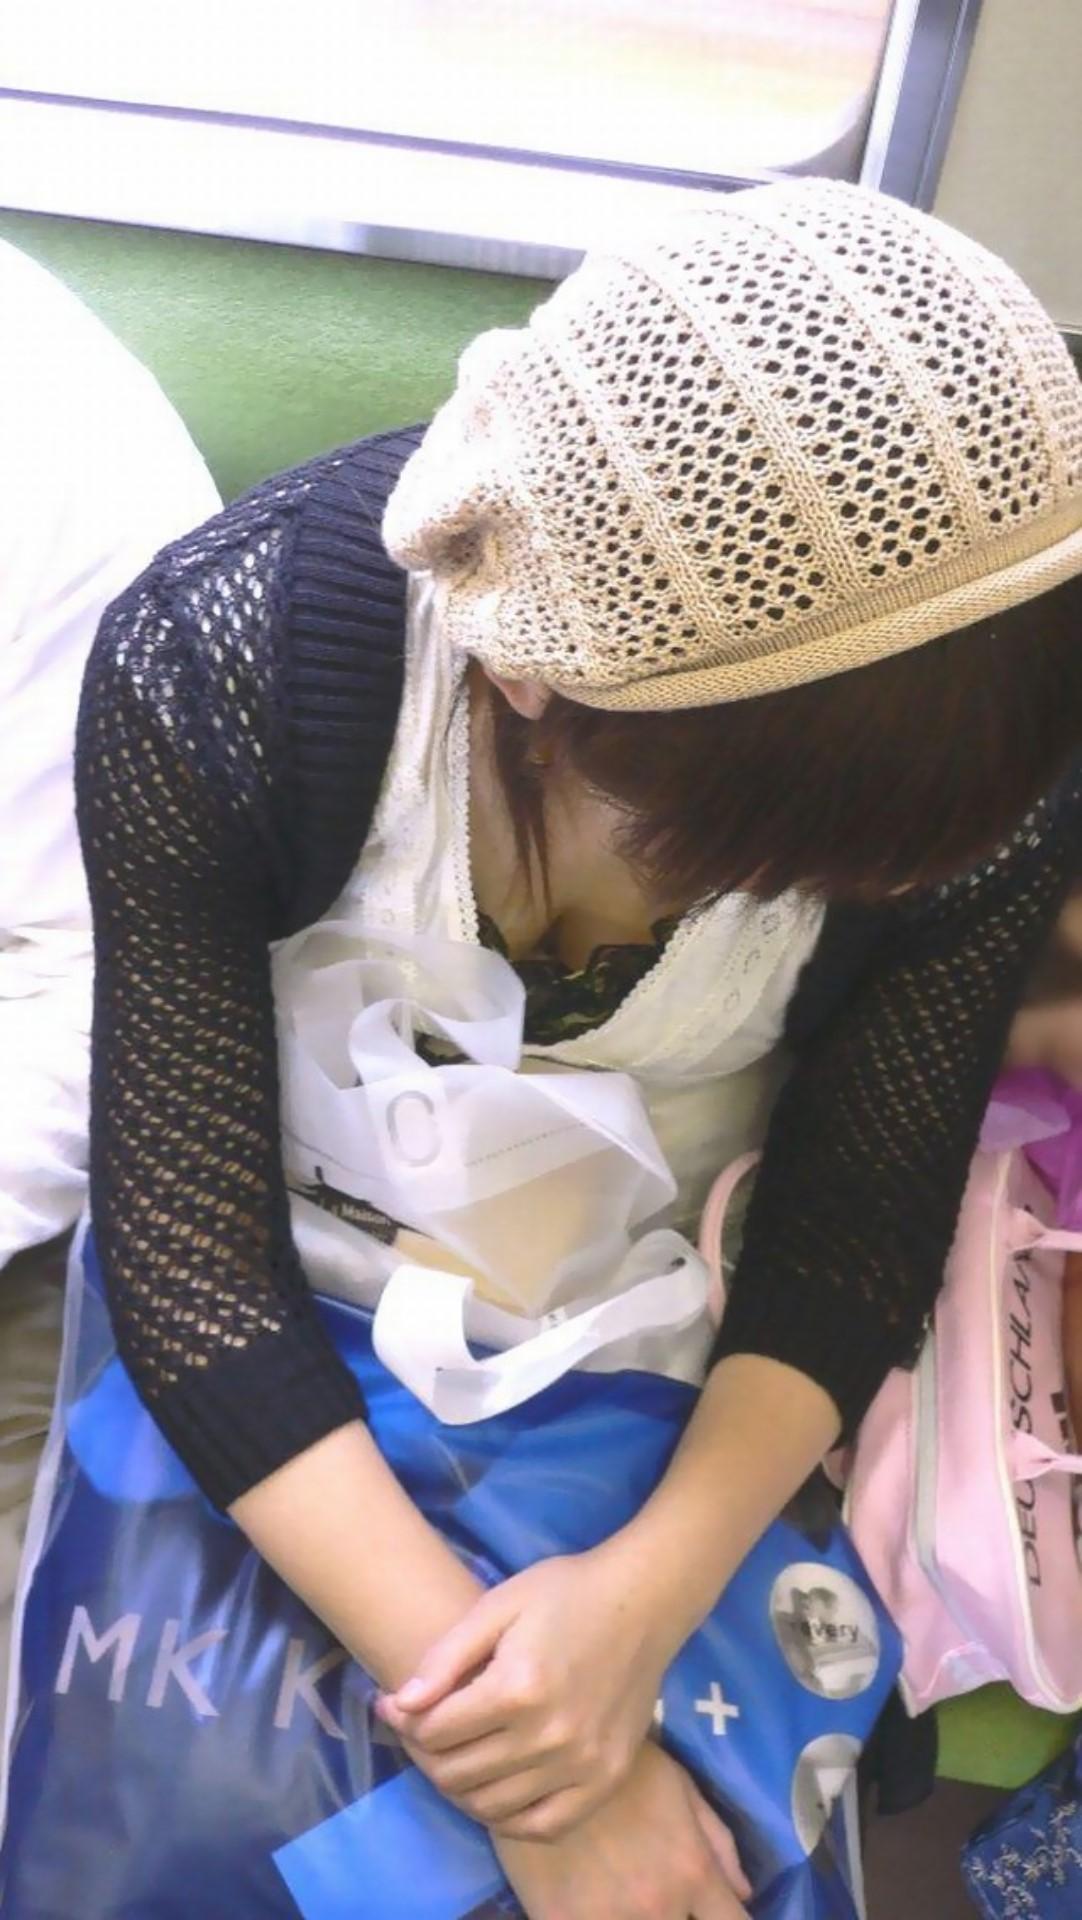 【胸チラエロ画像】緩い人多かったら立ってようか…電車内で胸チラ覗き!(;^ω^)